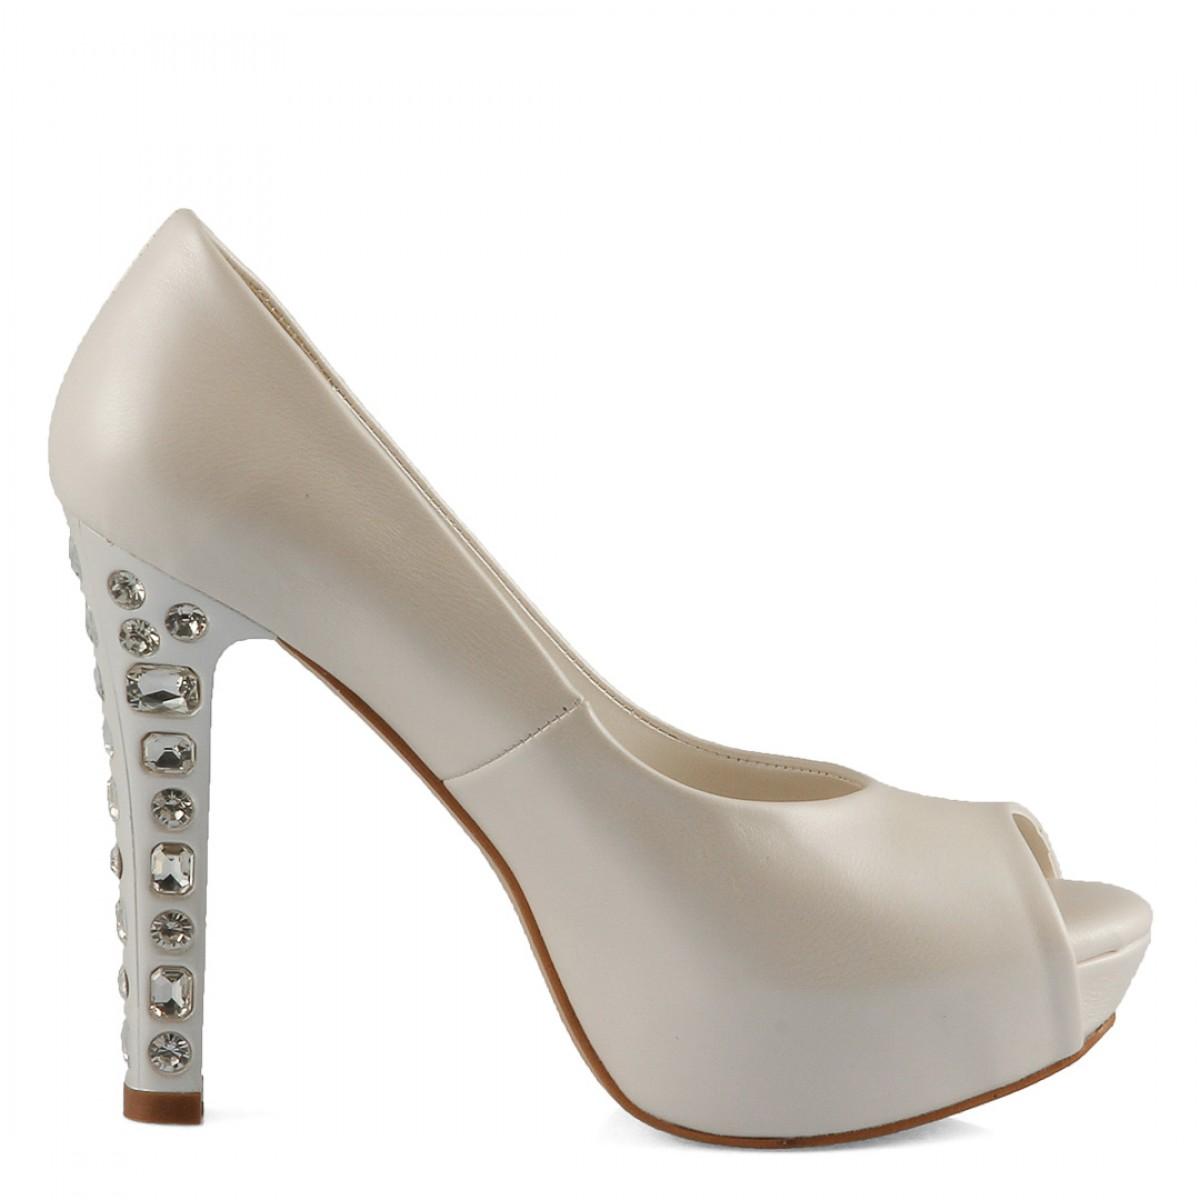 Gelin Ayakkabısı Topuk Taşlı Model